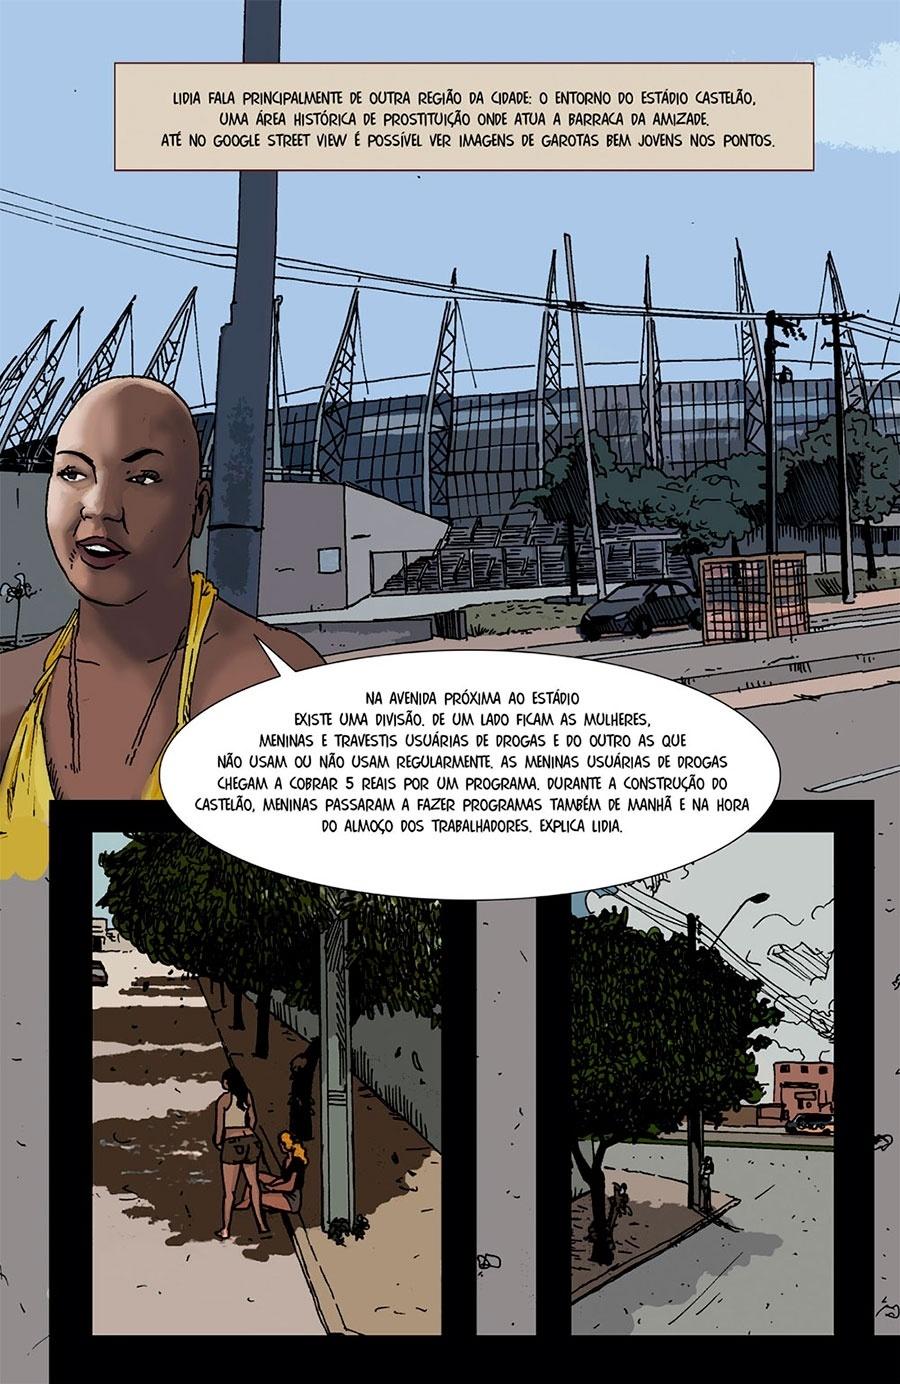 Capítulo 1: Ela também diz que meninas usuárias de droga chegam a cobrar 5 reais num programa.